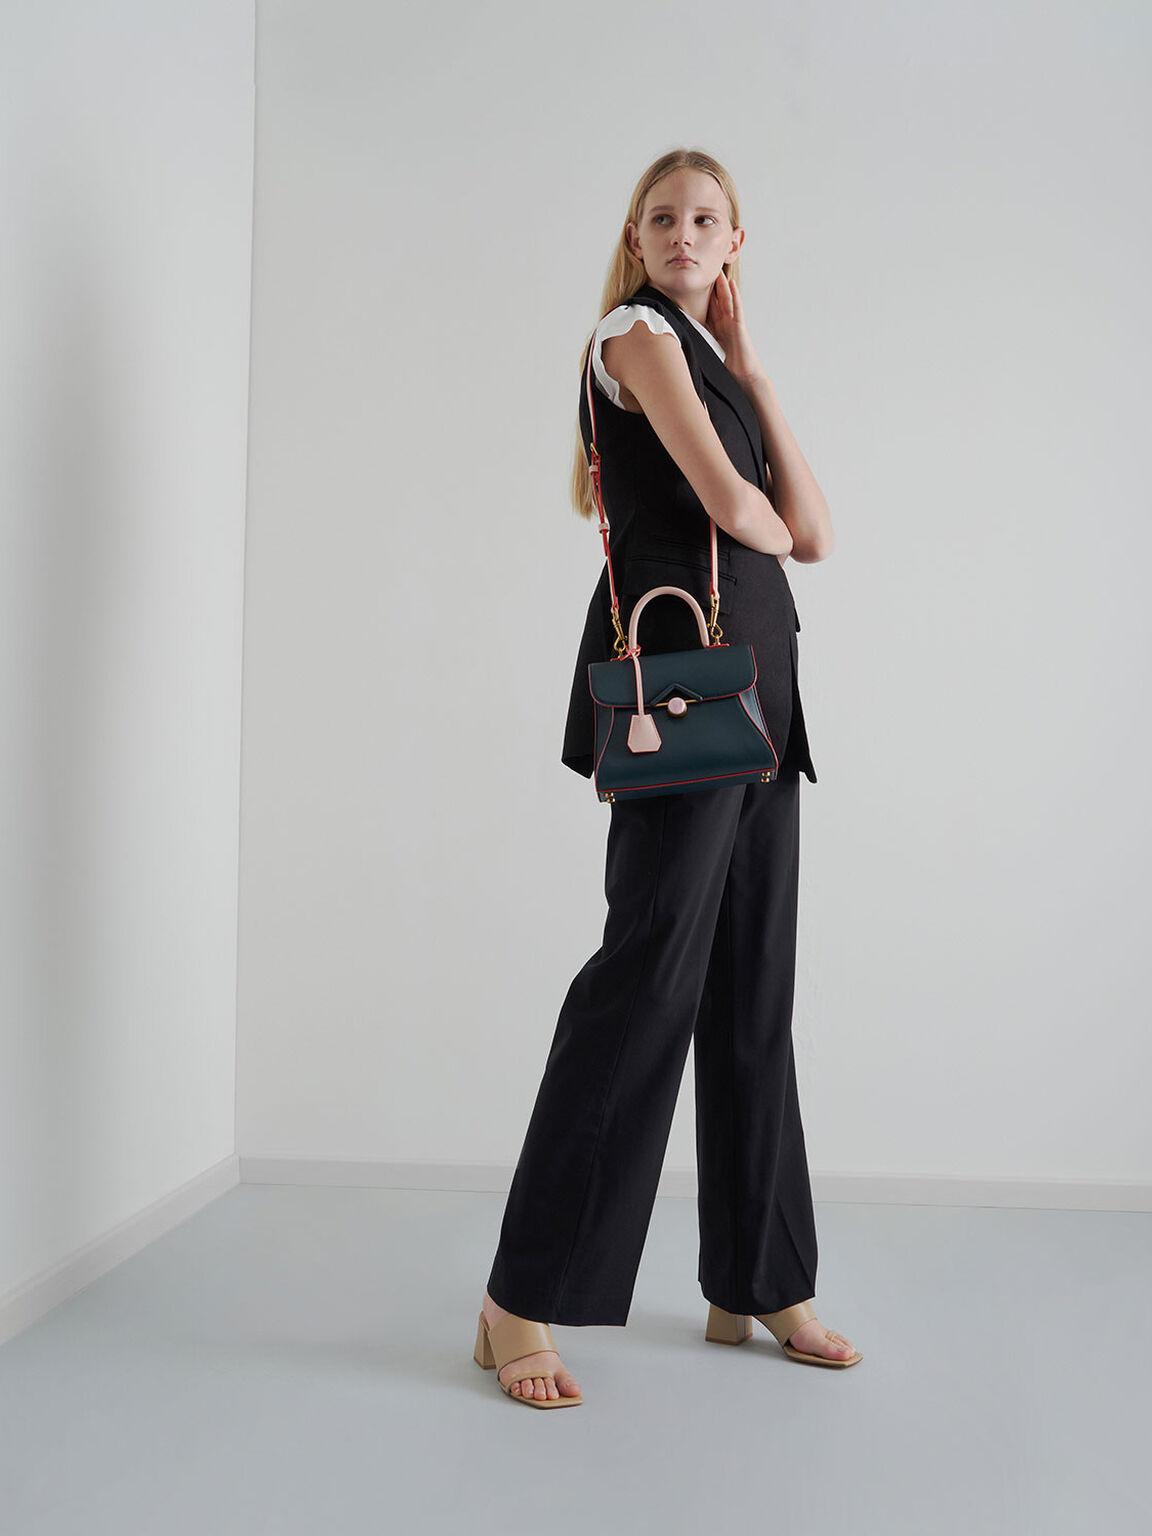 Stone Embellished Handbag, Teal, hi-res